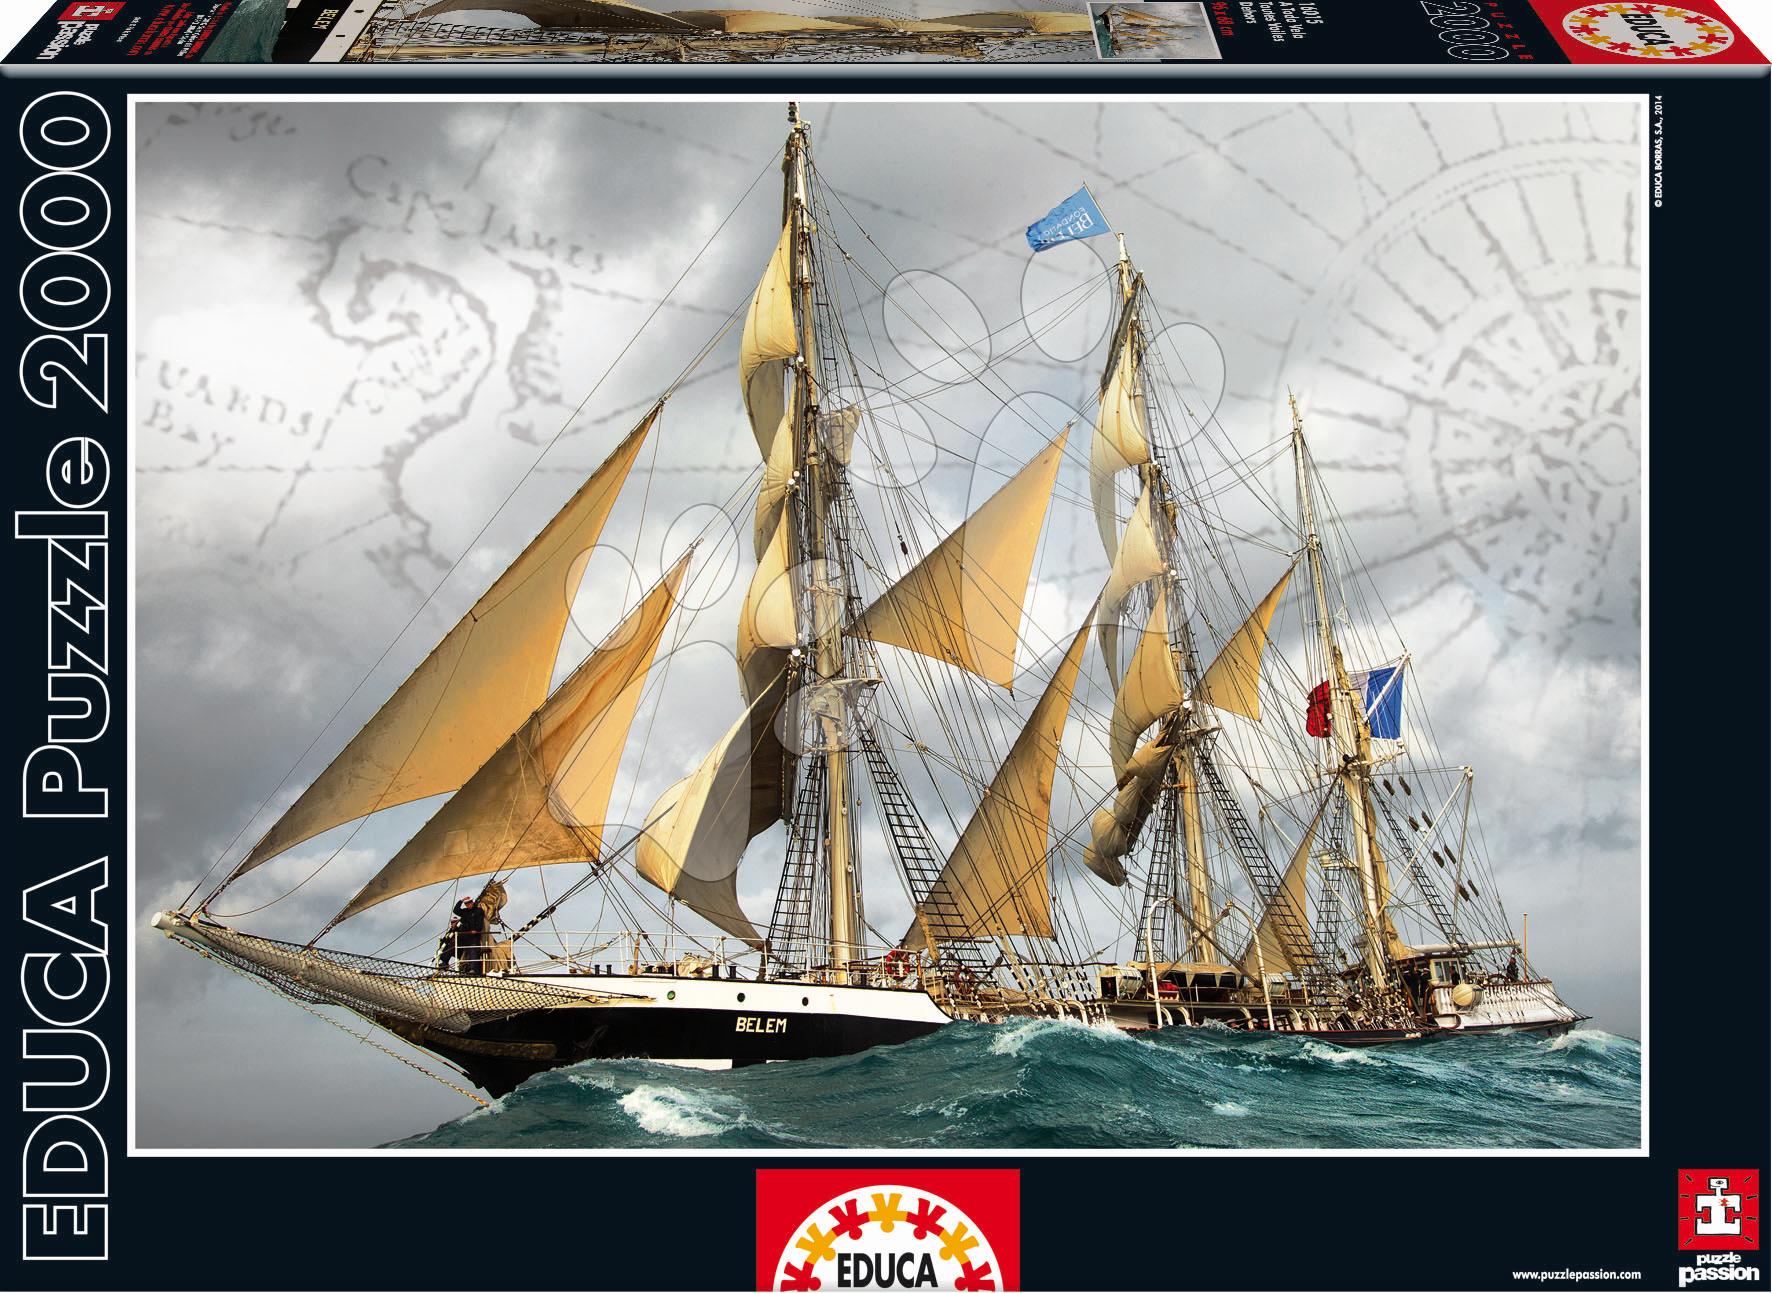 Puzzle 2000 dielne - Puzzle Under Full Sail Educa 2000 dielov